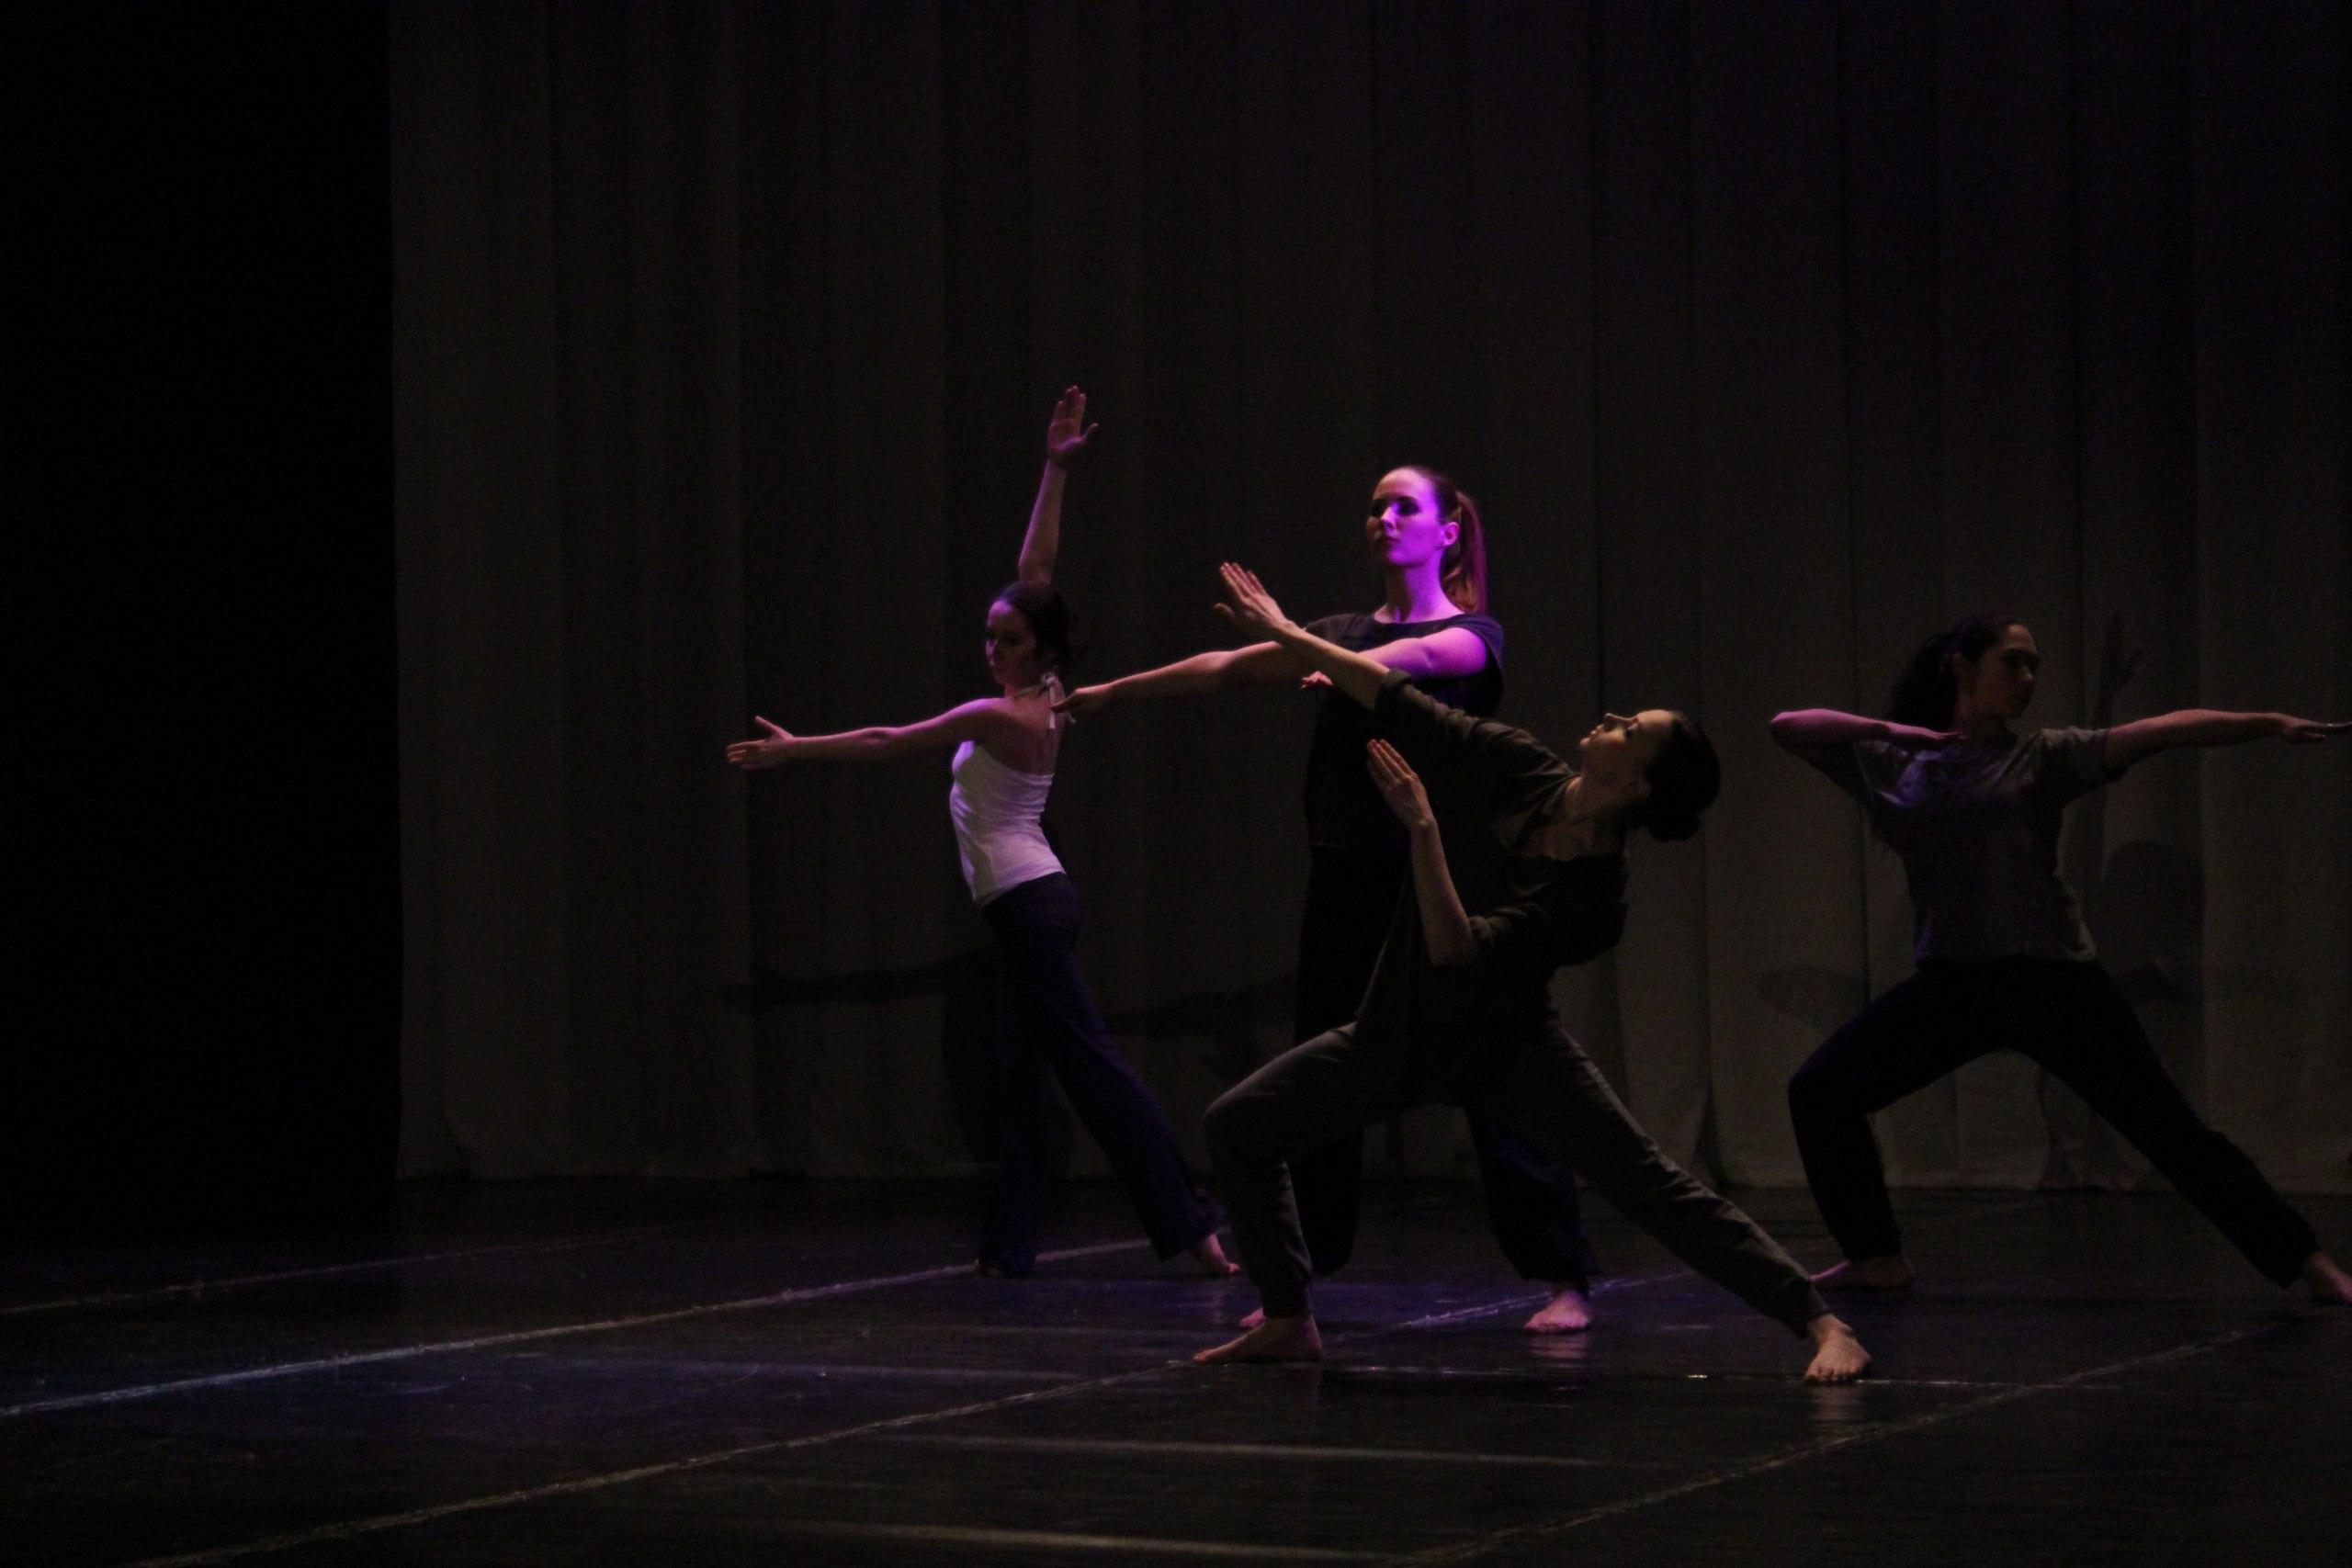 О чём мы танцуем?